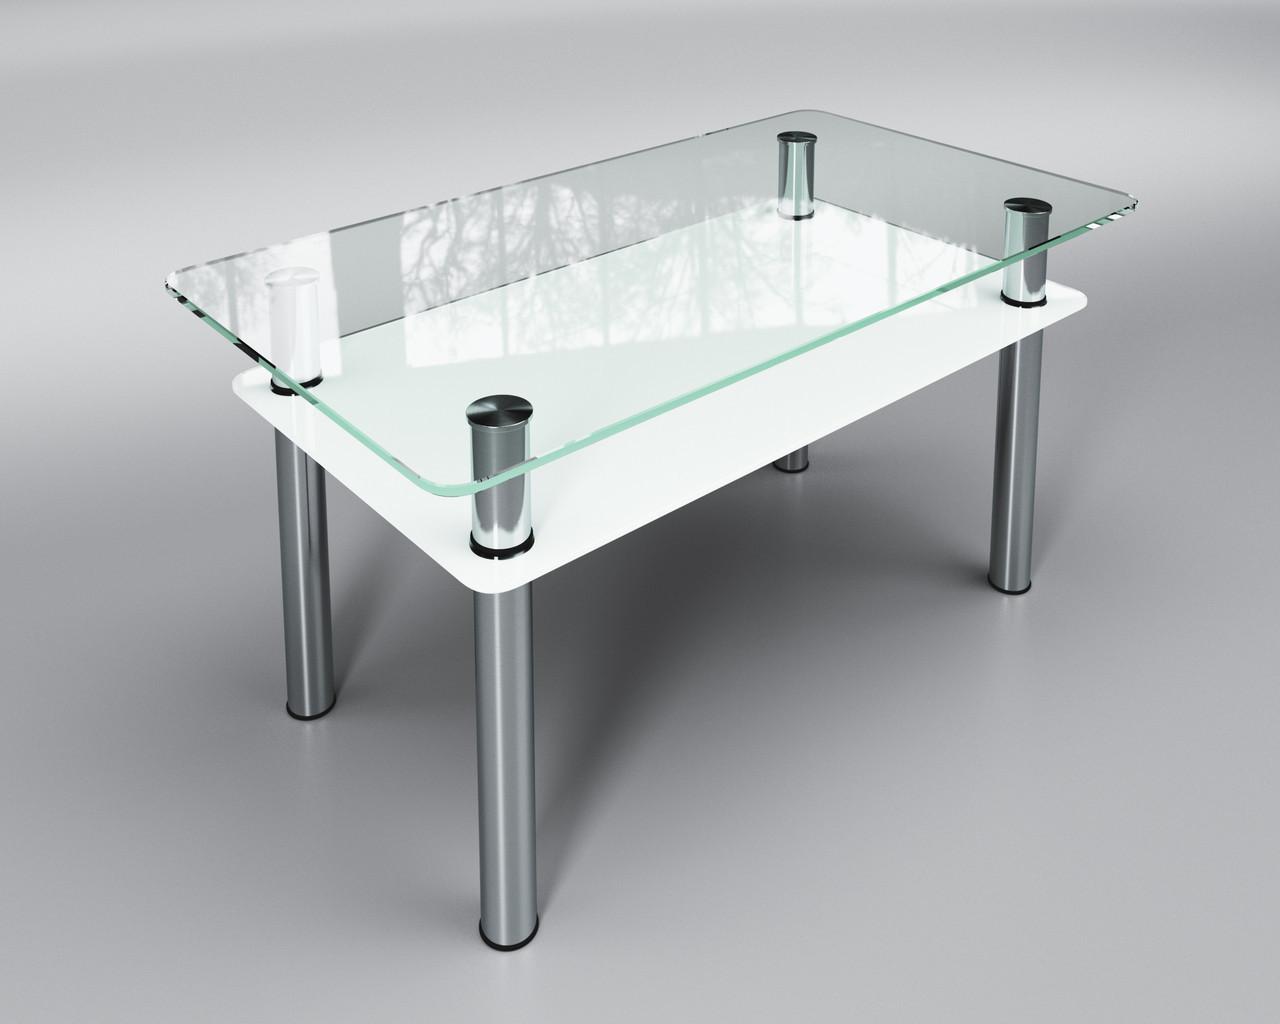 Журнальный стеклянный стол Вега с полкой белой